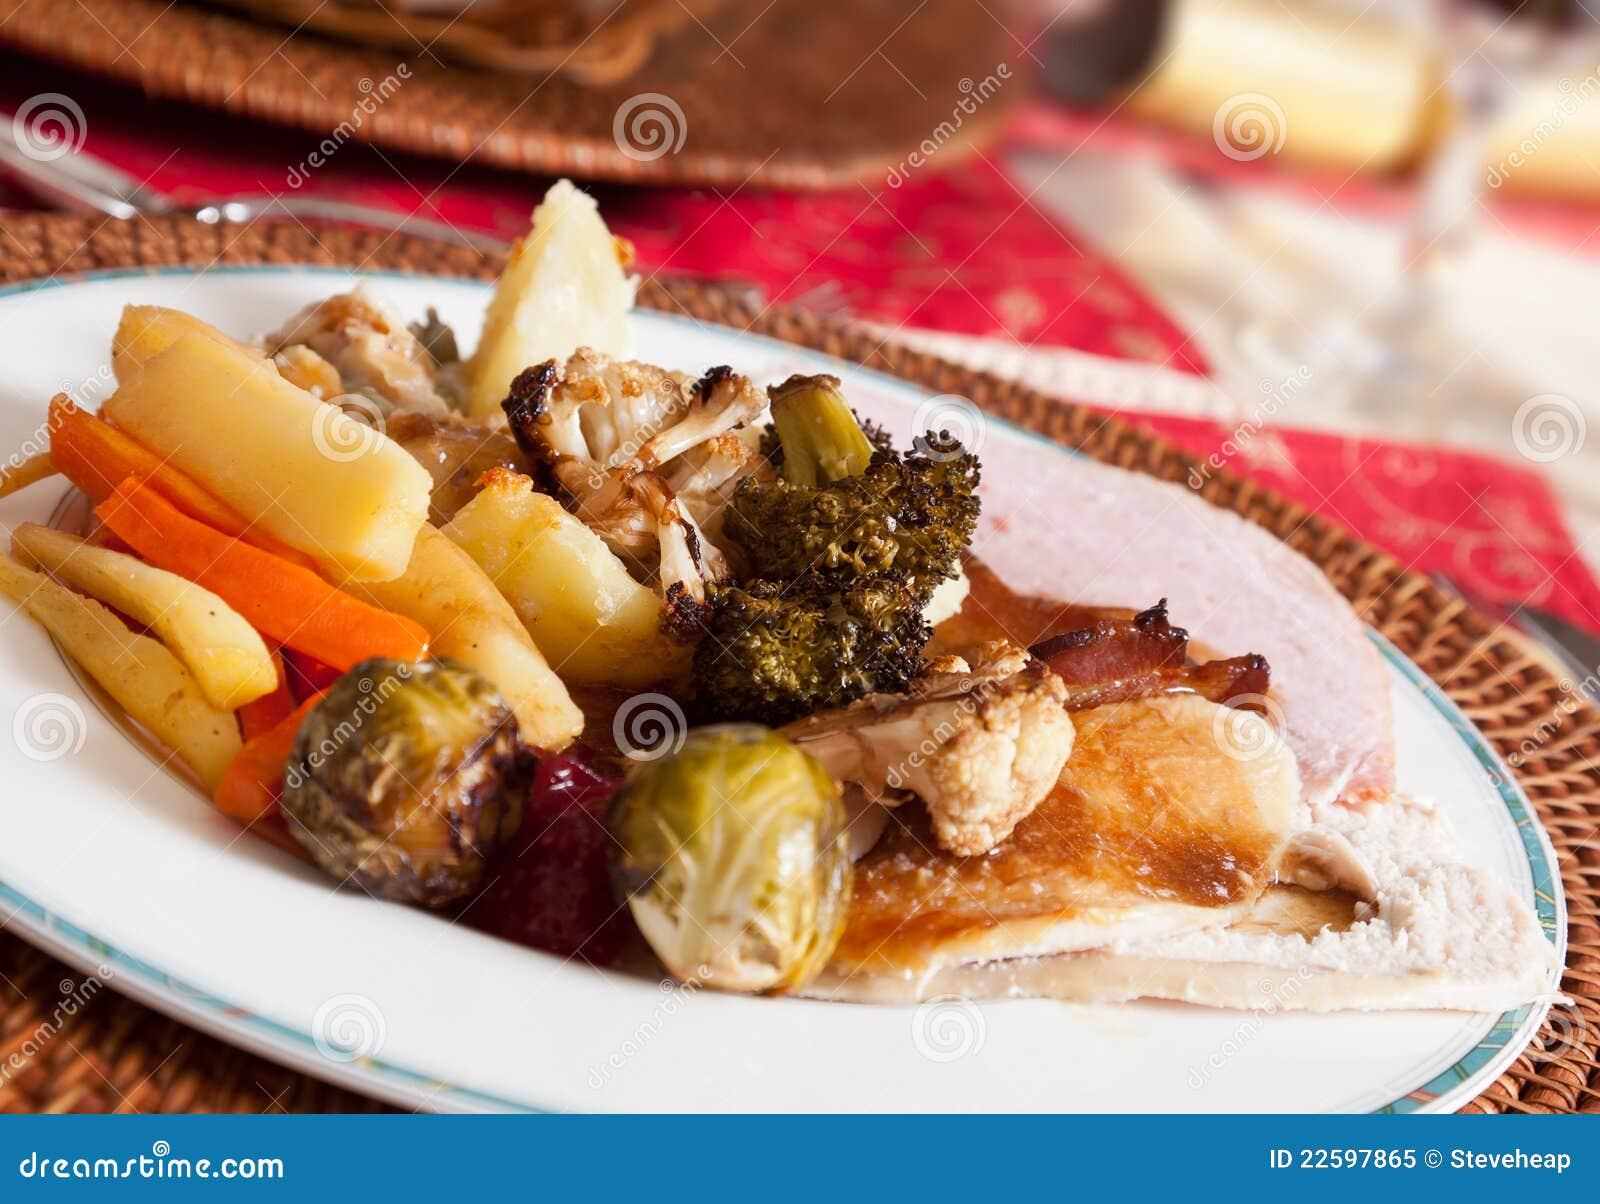 Pranzo inglese tradizionale di natale immagine stock - Camera da pranzo in inglese ...